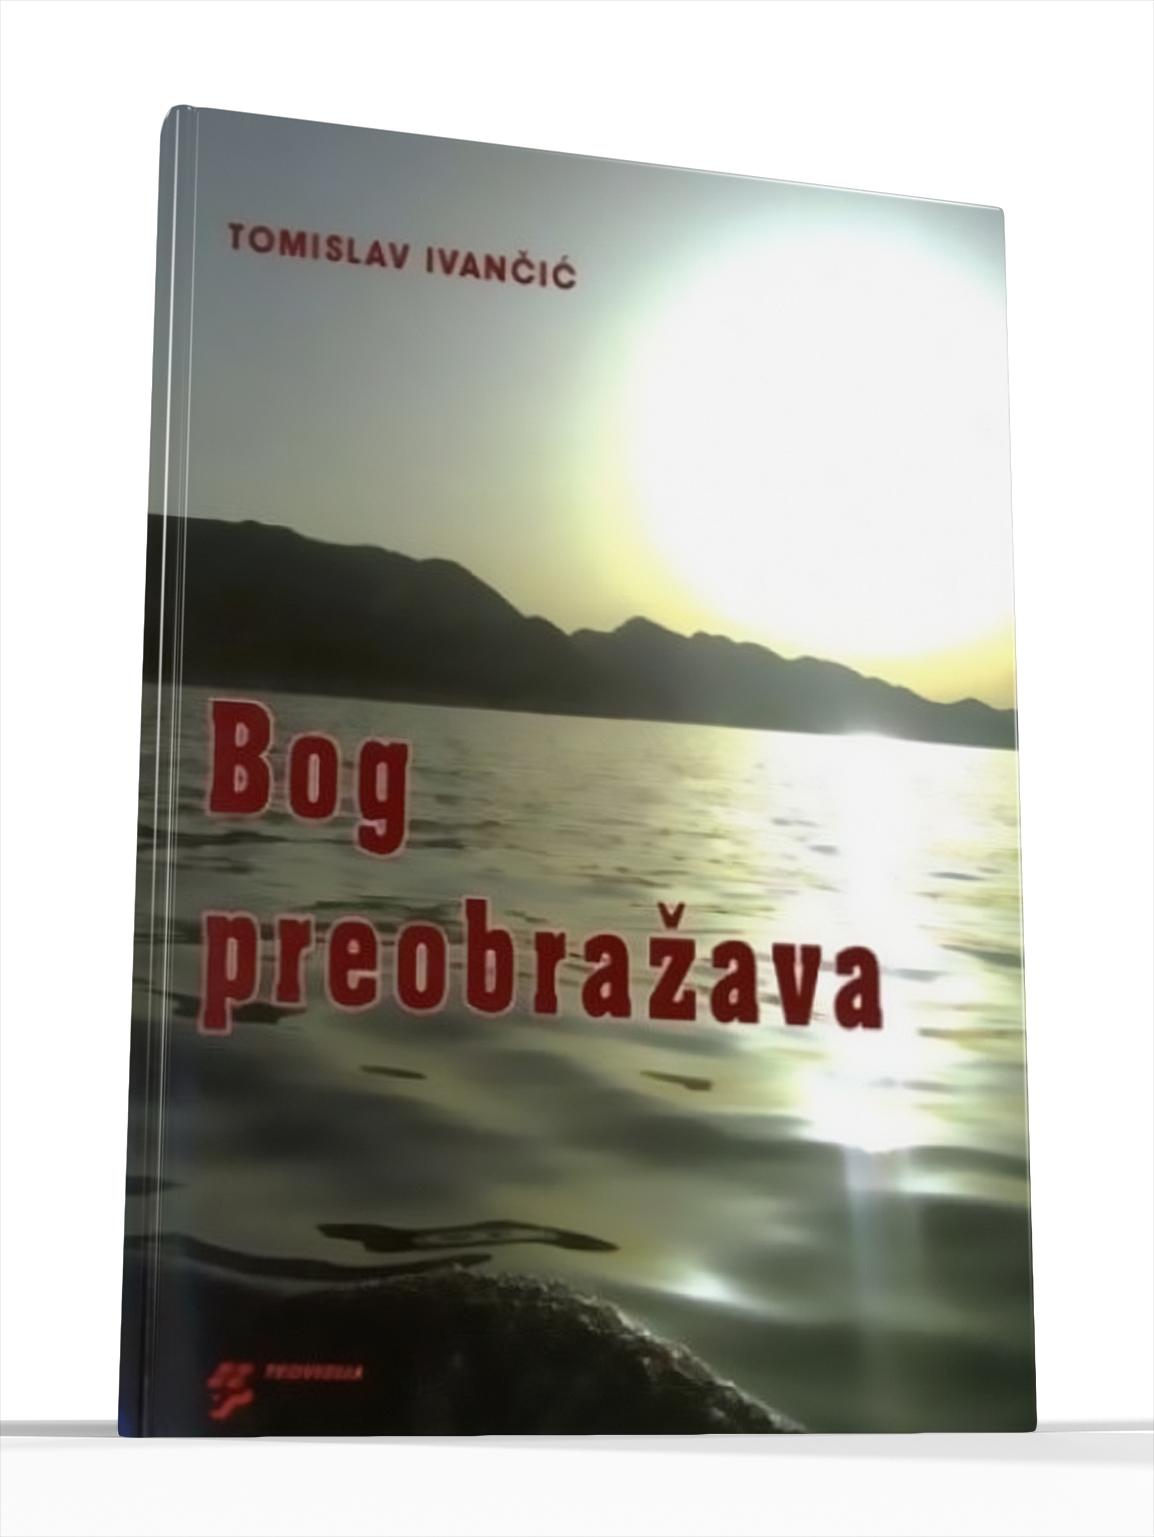 BOG PREOBRAŽAVA - Tomislav Ivančić